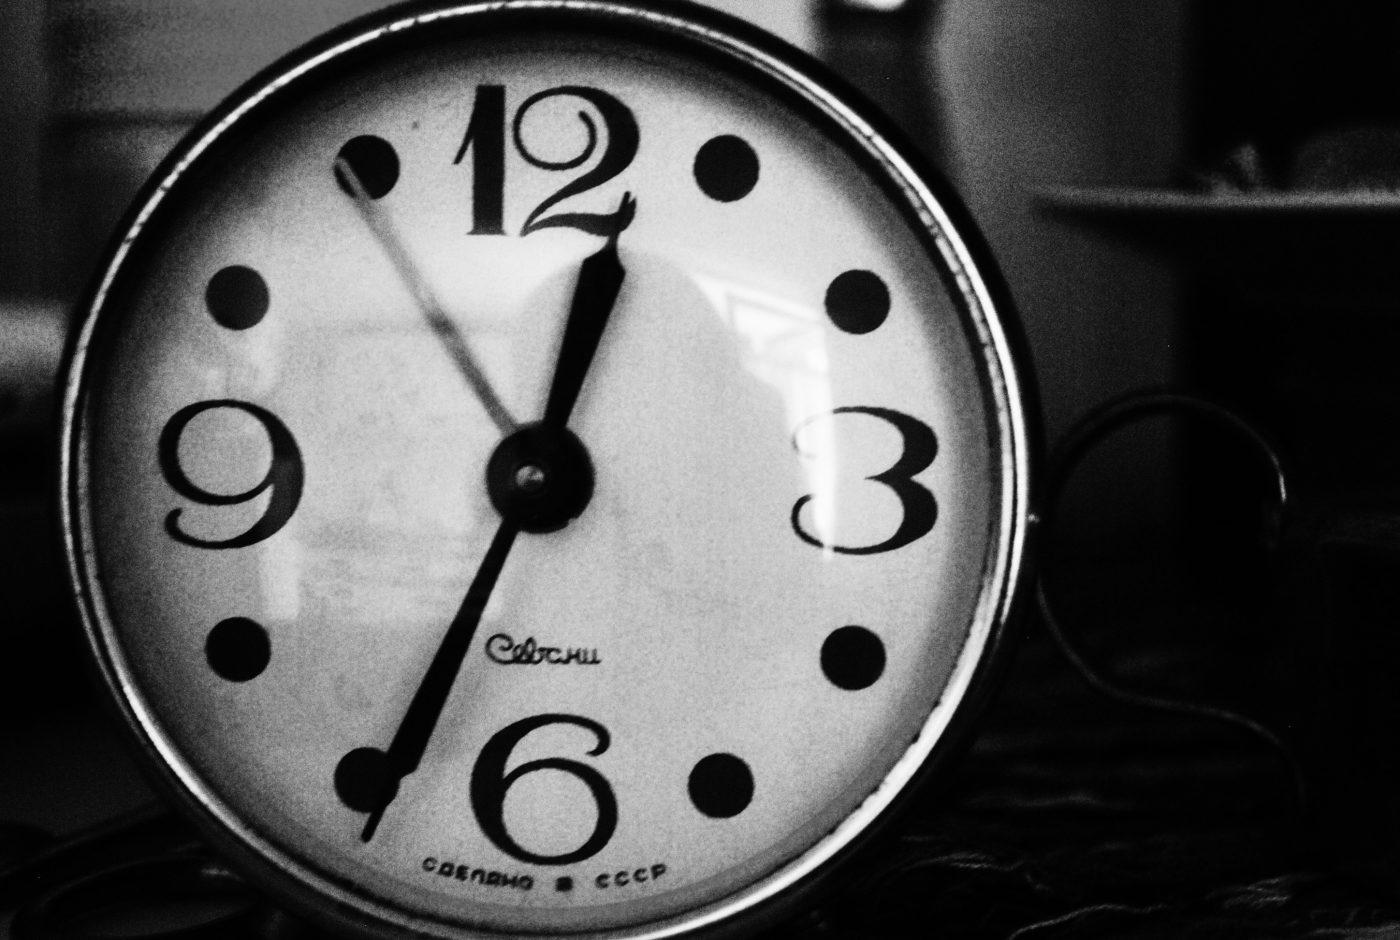 Tempi di vita, tempi di lavoro: riusciamo ancora a distinguerli?